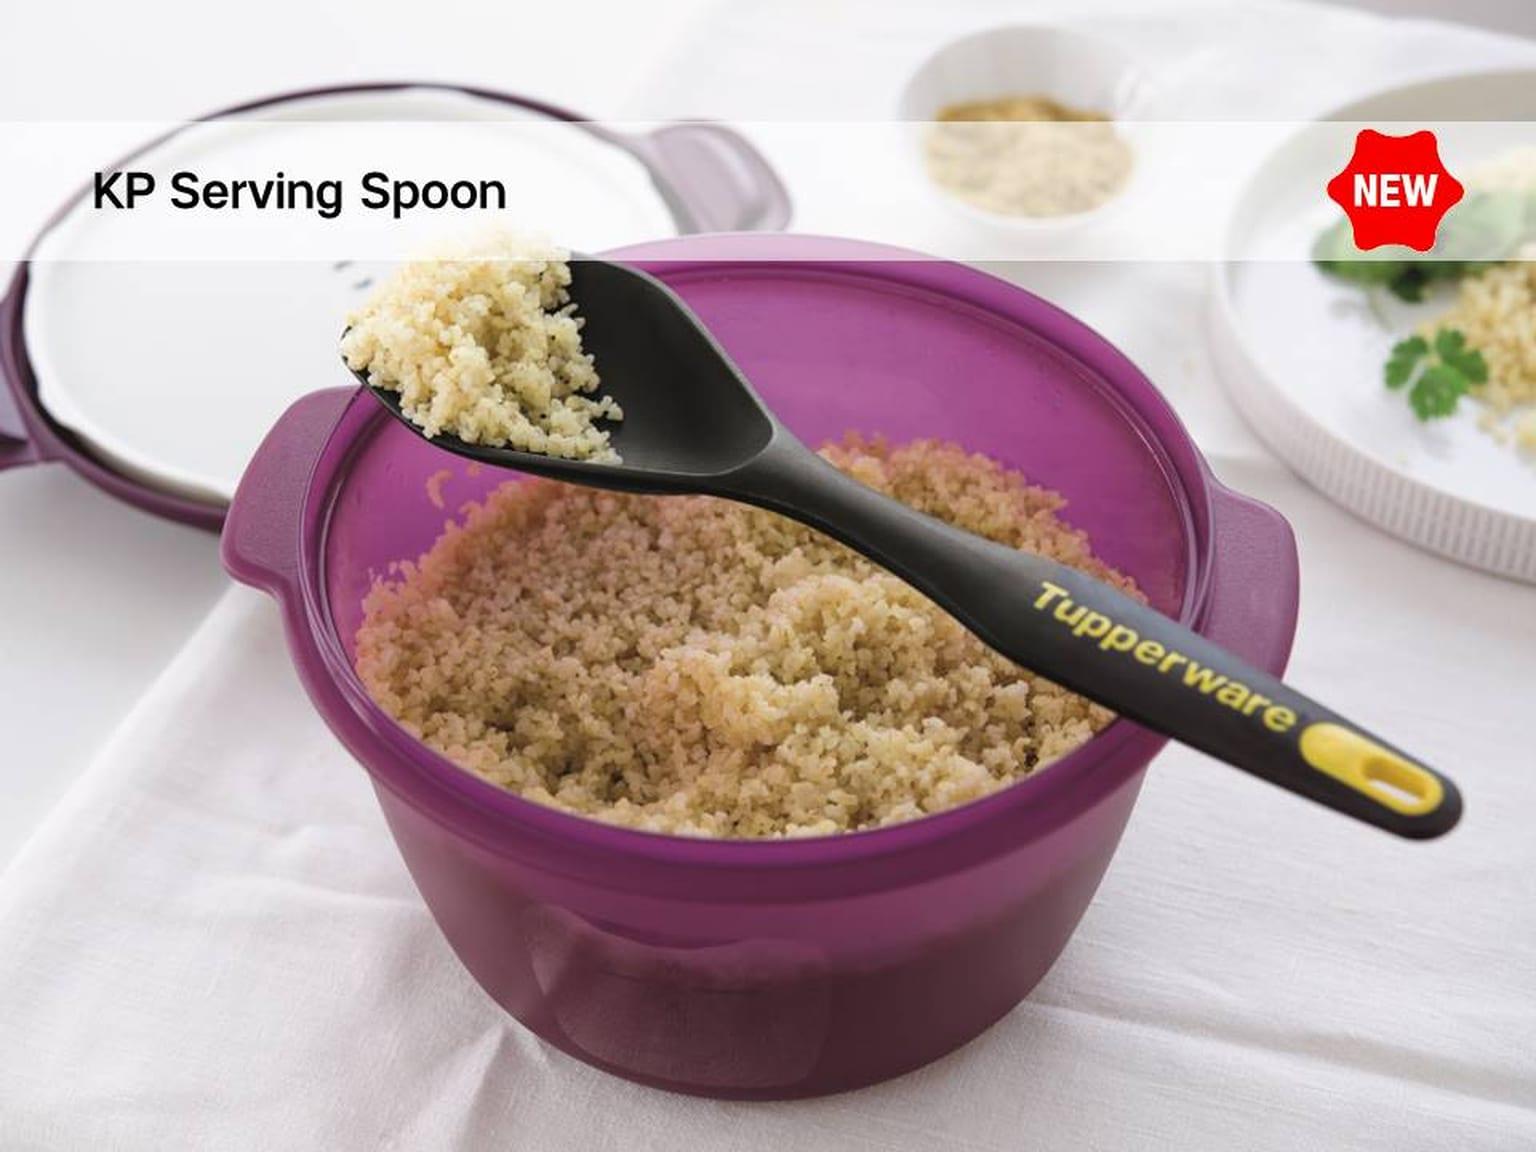 KP Serving Spoon (1)